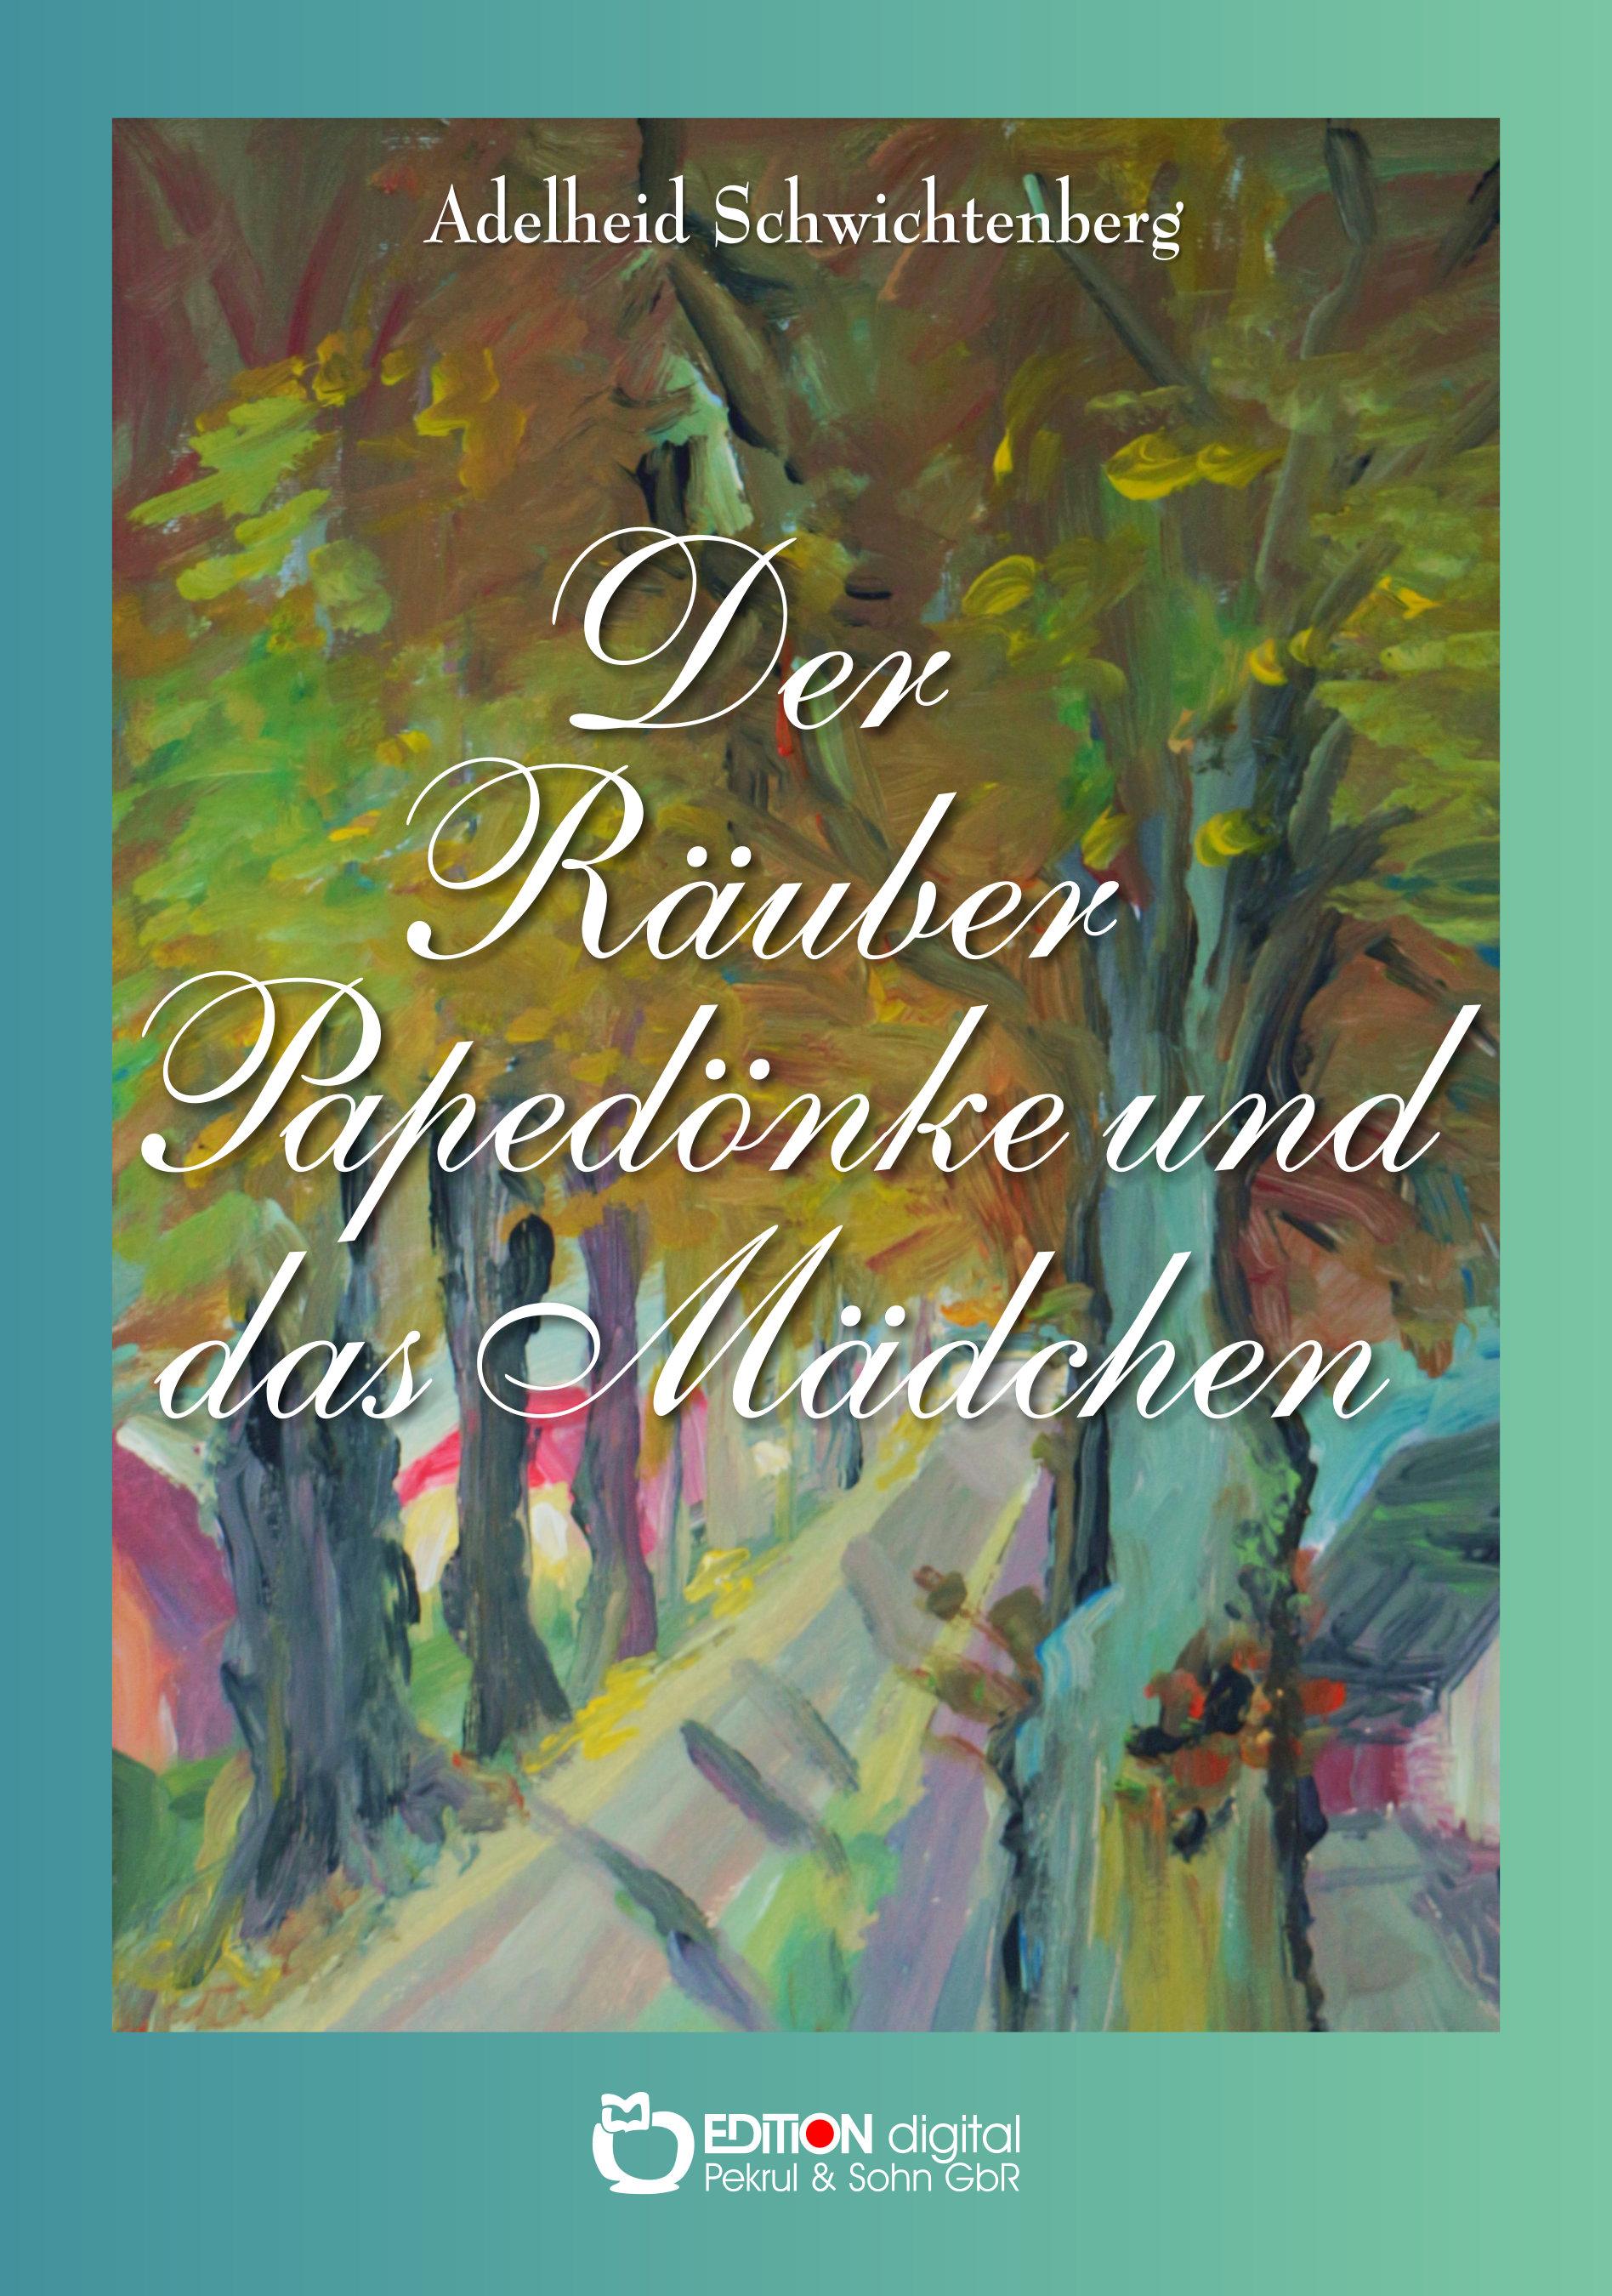 Der Räuber Papedönke und das Mädchen. Sagen rund um Brüsewitz von Adelheid Schwichtenberg